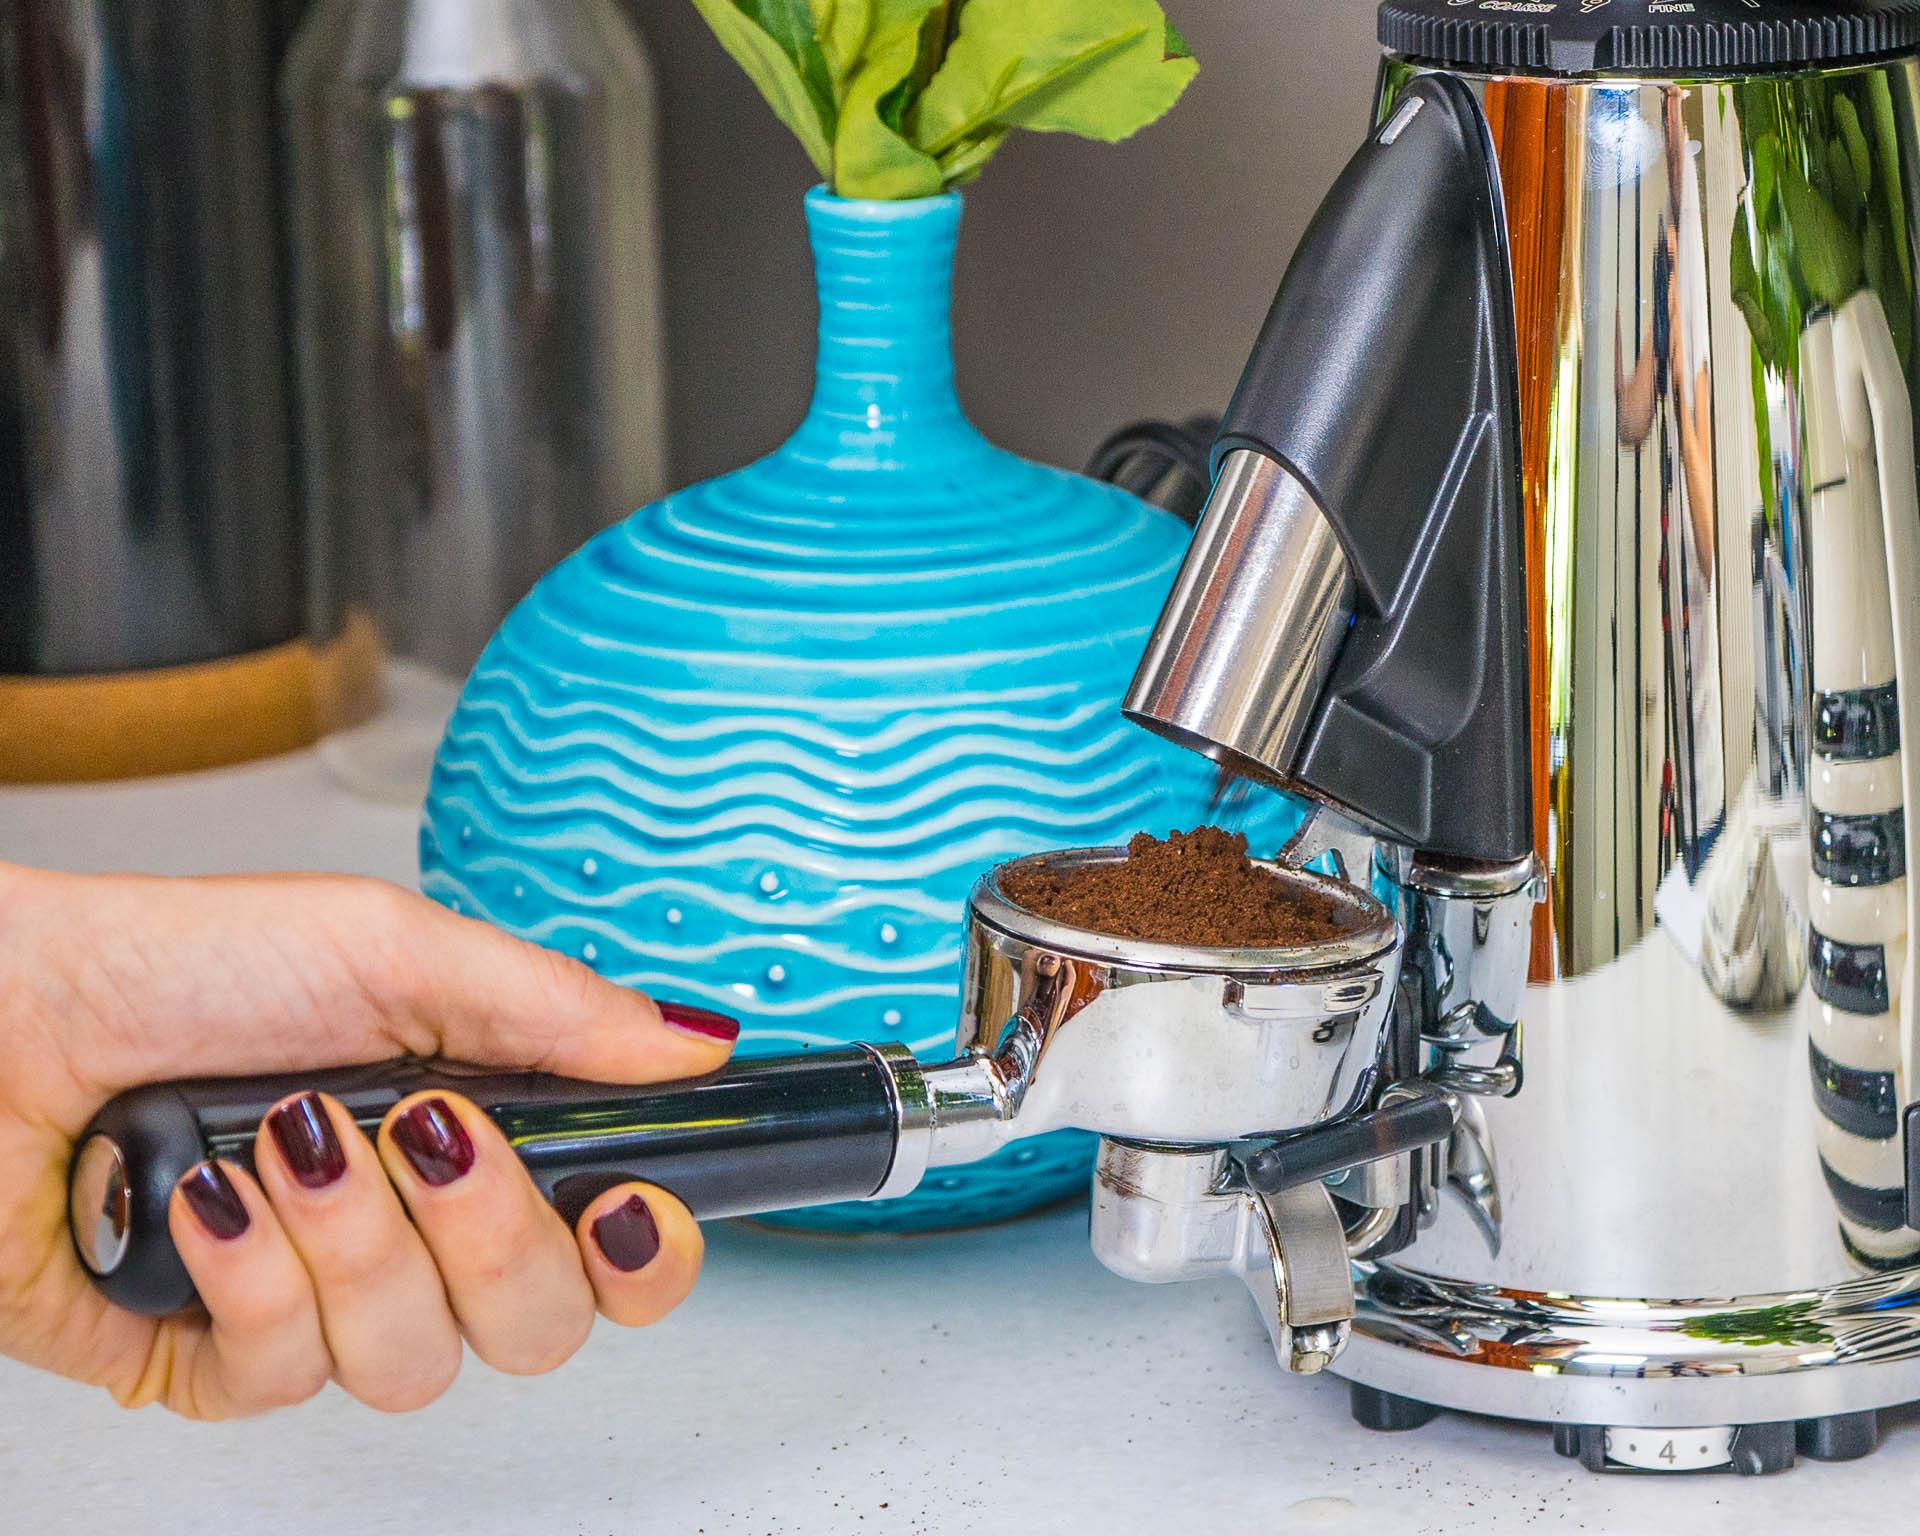 Espresso Kaffee zubereiten